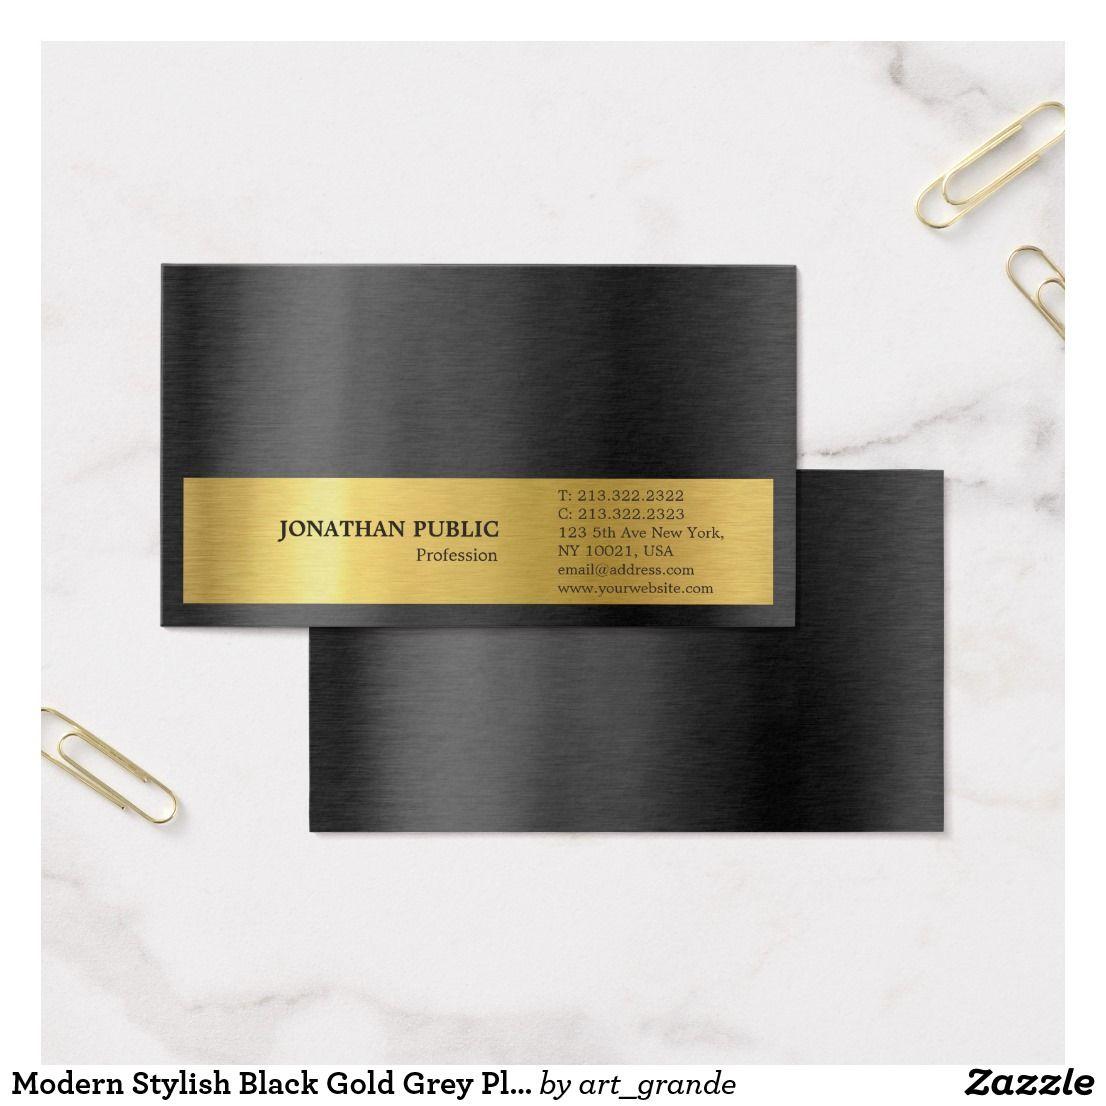 Modern Stylish Black Gold Grey Plain Silk Finish Business Card ...